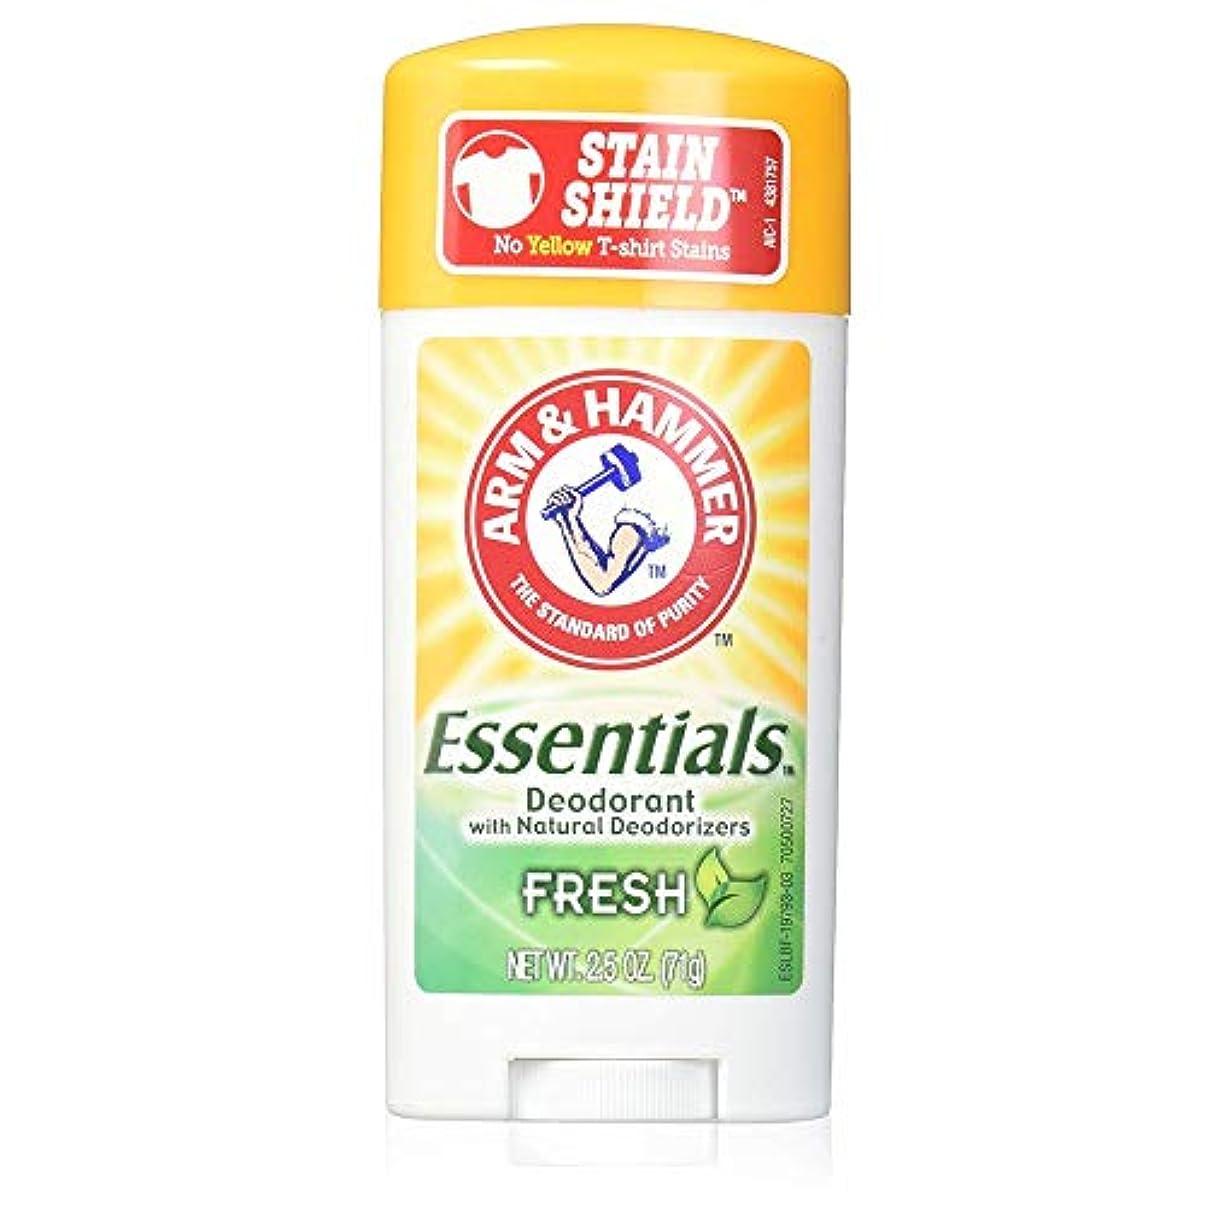 価格白菜メロディーアーム&ハマー デオドラント【フレッシュ】制汗剤【お風呂上がりの香り】Arm & Hammer Essentials Natural Deodorant Fresh 71?[並行輸入品]